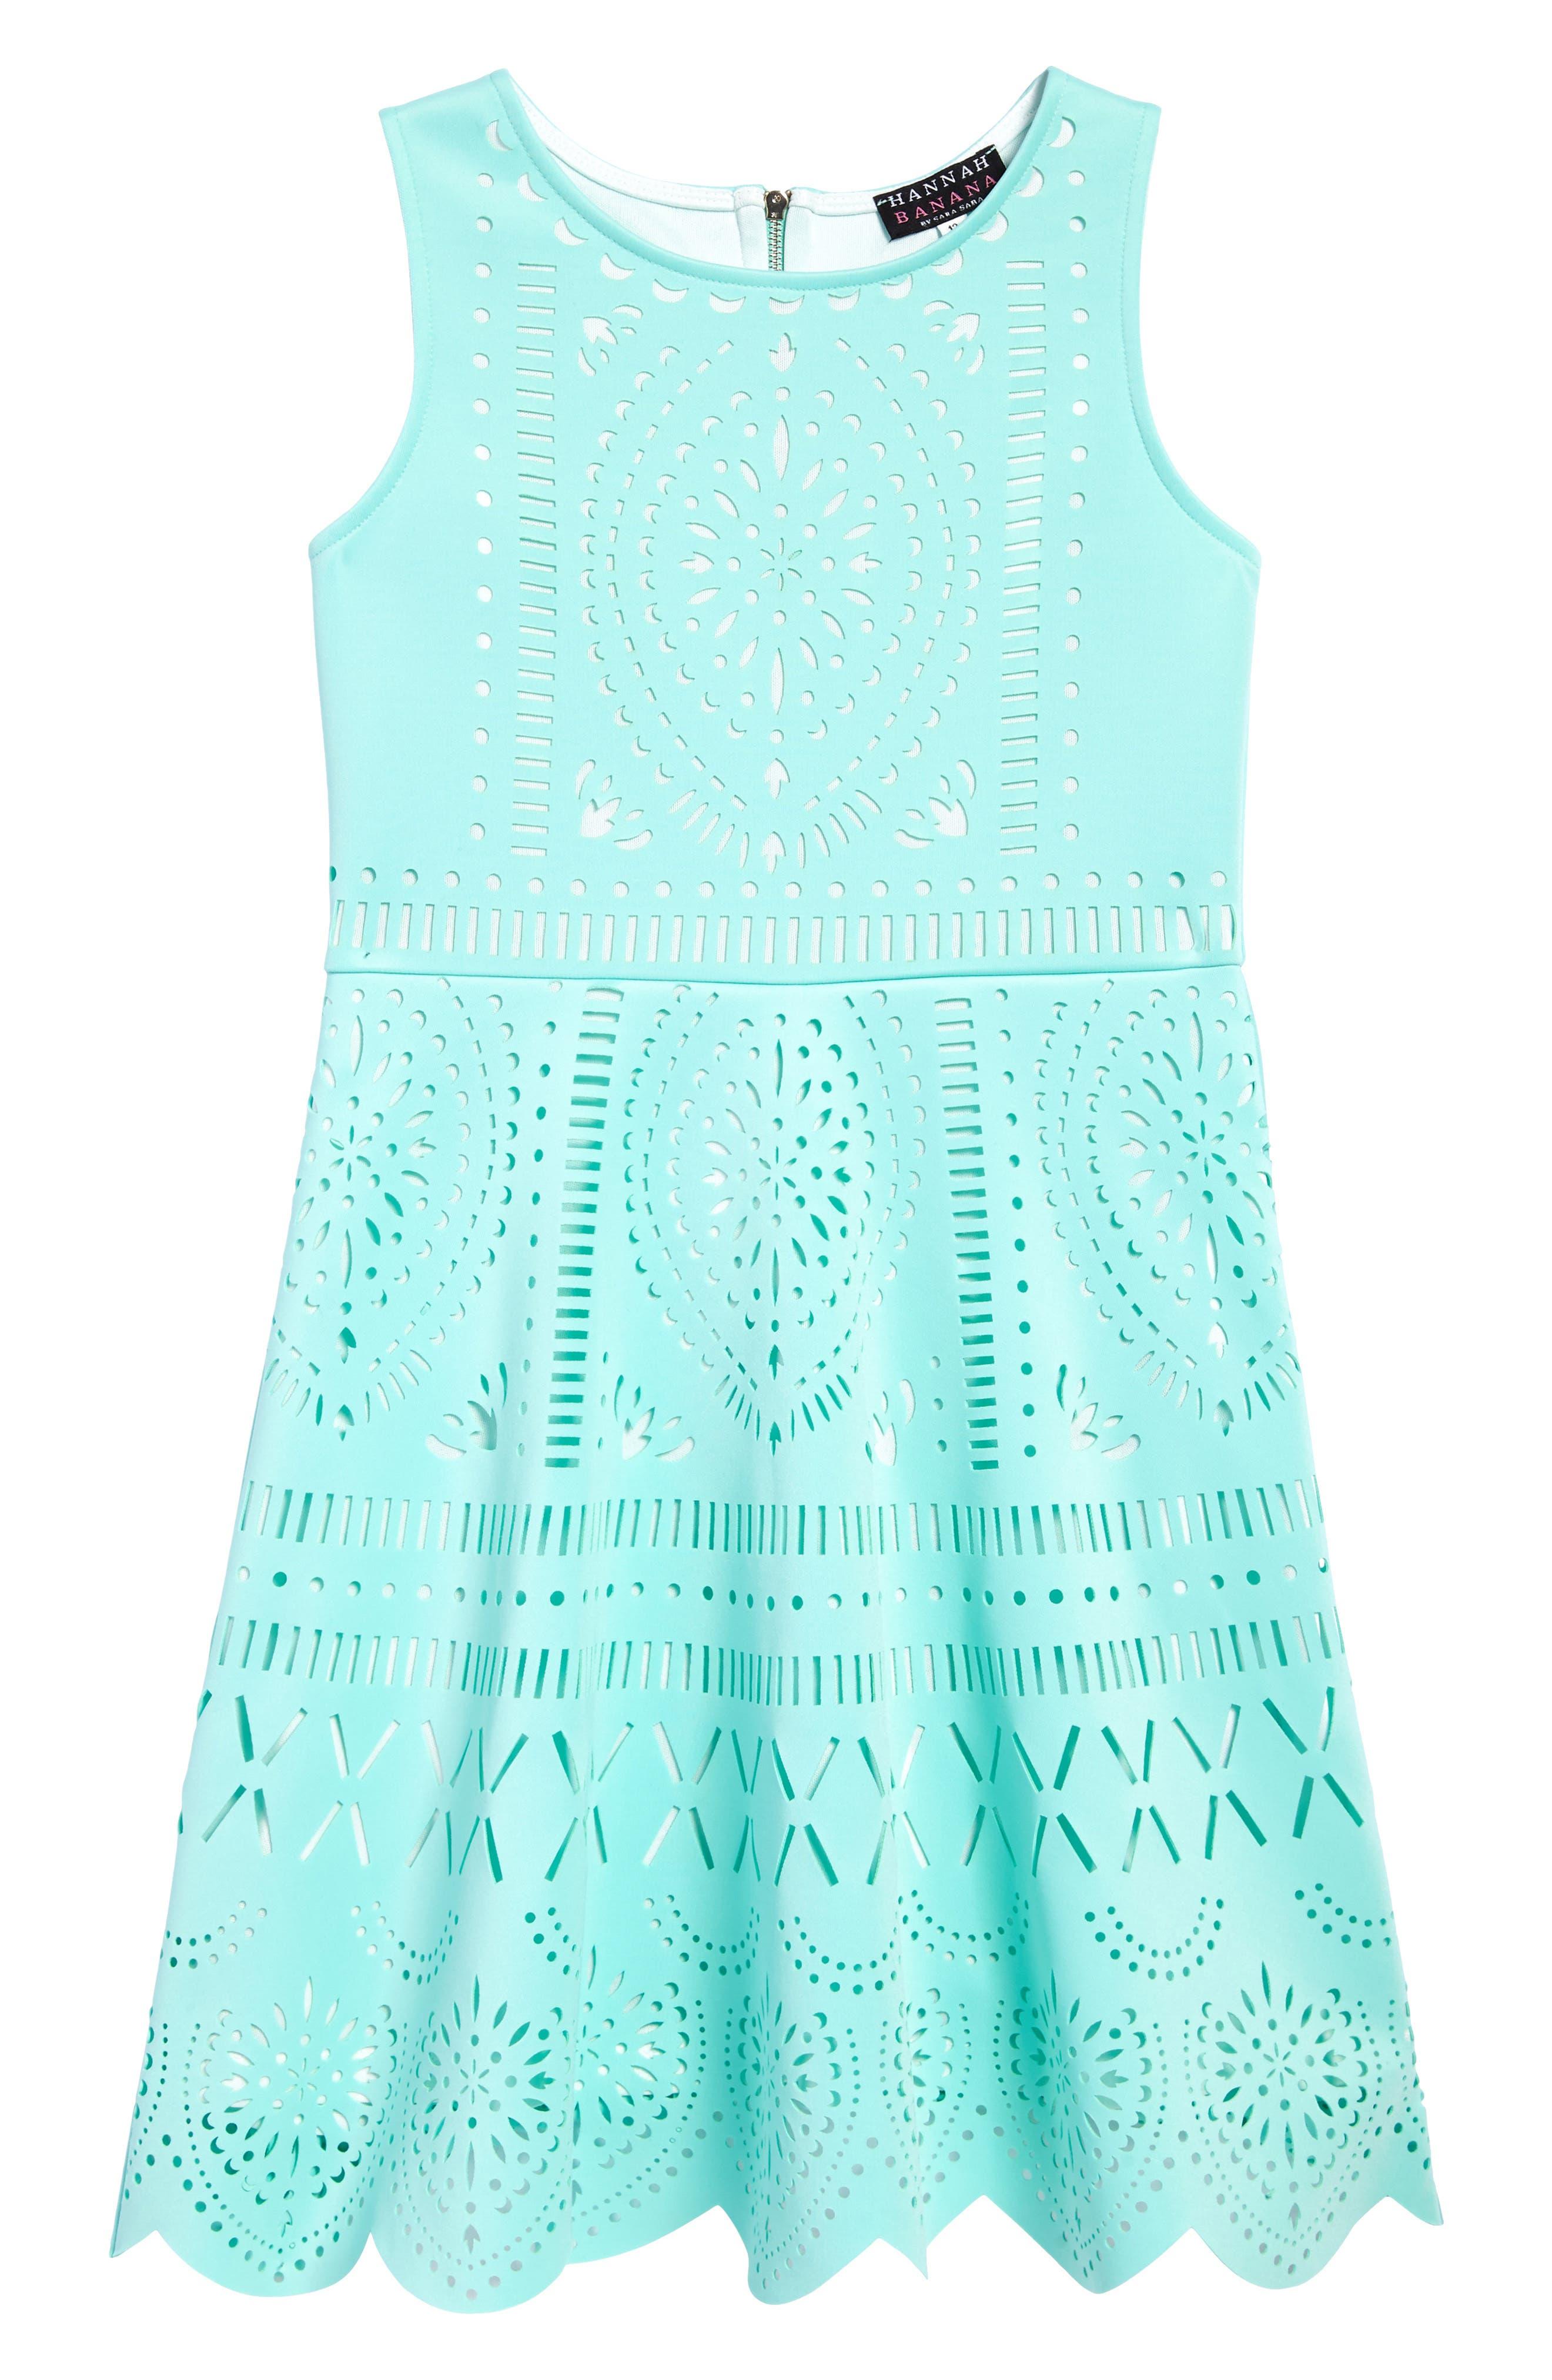 HANNAH BANANA, Laser Cut Fit & Flare Dress, Main thumbnail 1, color, 440